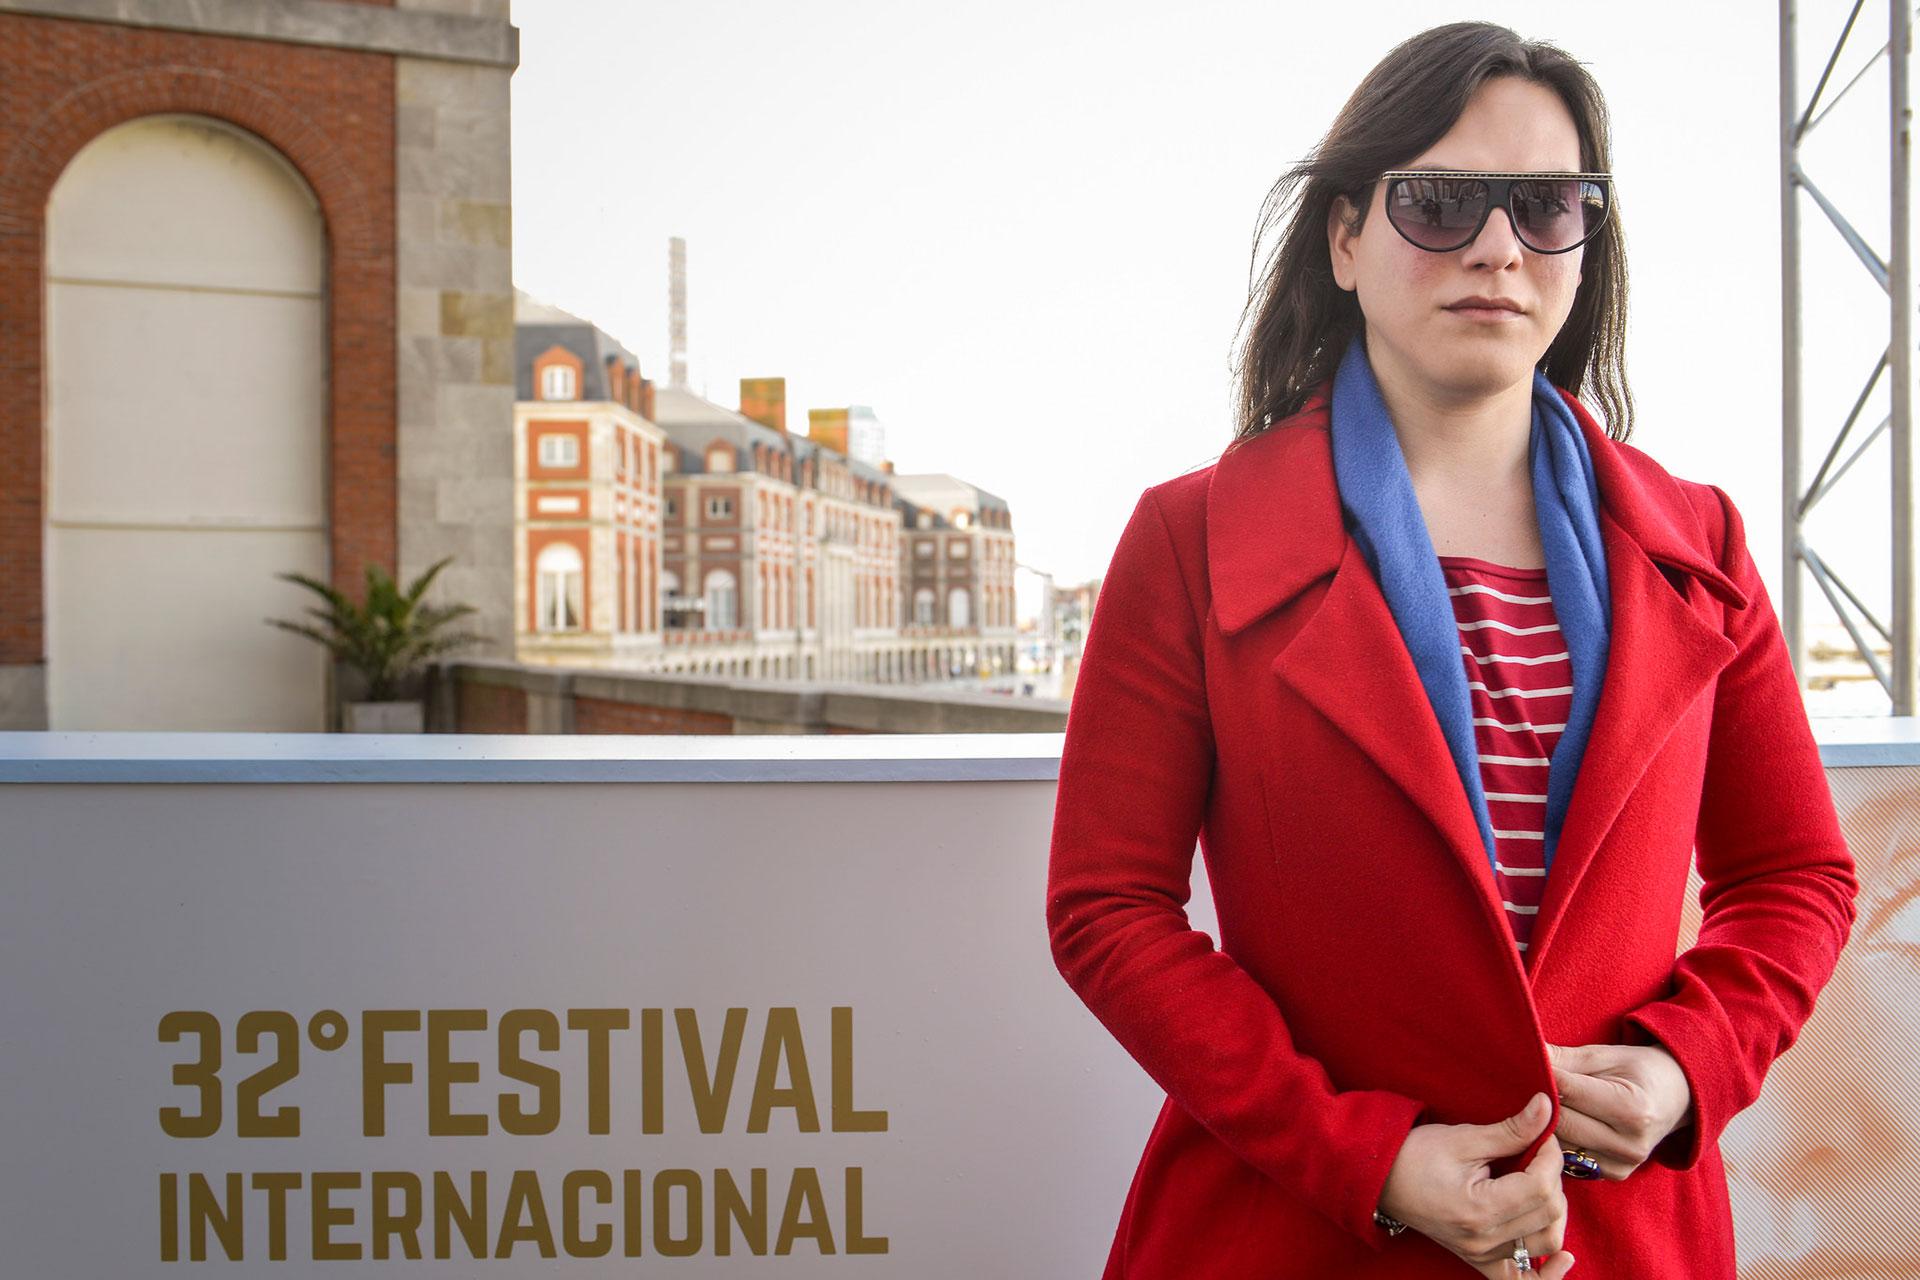 """La actriz Daniela Vega, que podría ser la primera transexual en ganar un Oscar por su labor en """"Una mujer fantástica"""" una filme de Sebastián Lelio. La chilena de tan solo 28 años deslumbró a todos y posó para la foto."""